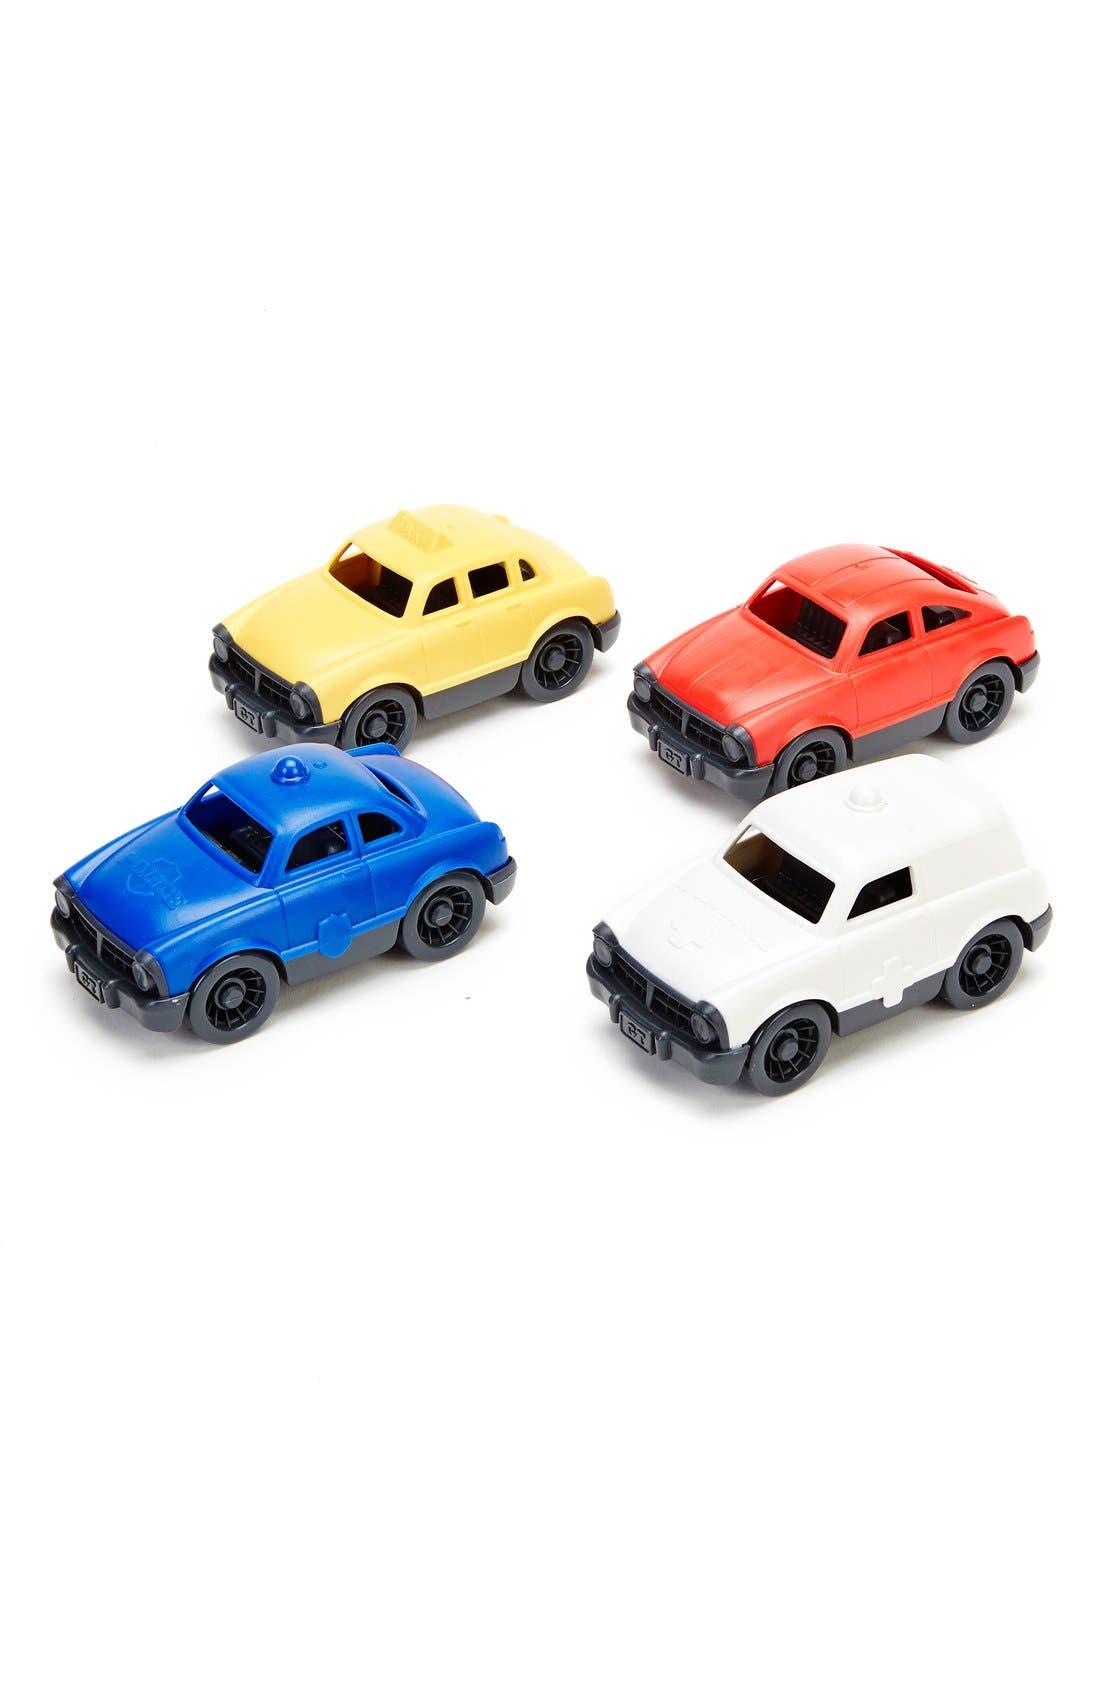 Green Toys Mini Vehicle Set (4-Pack)